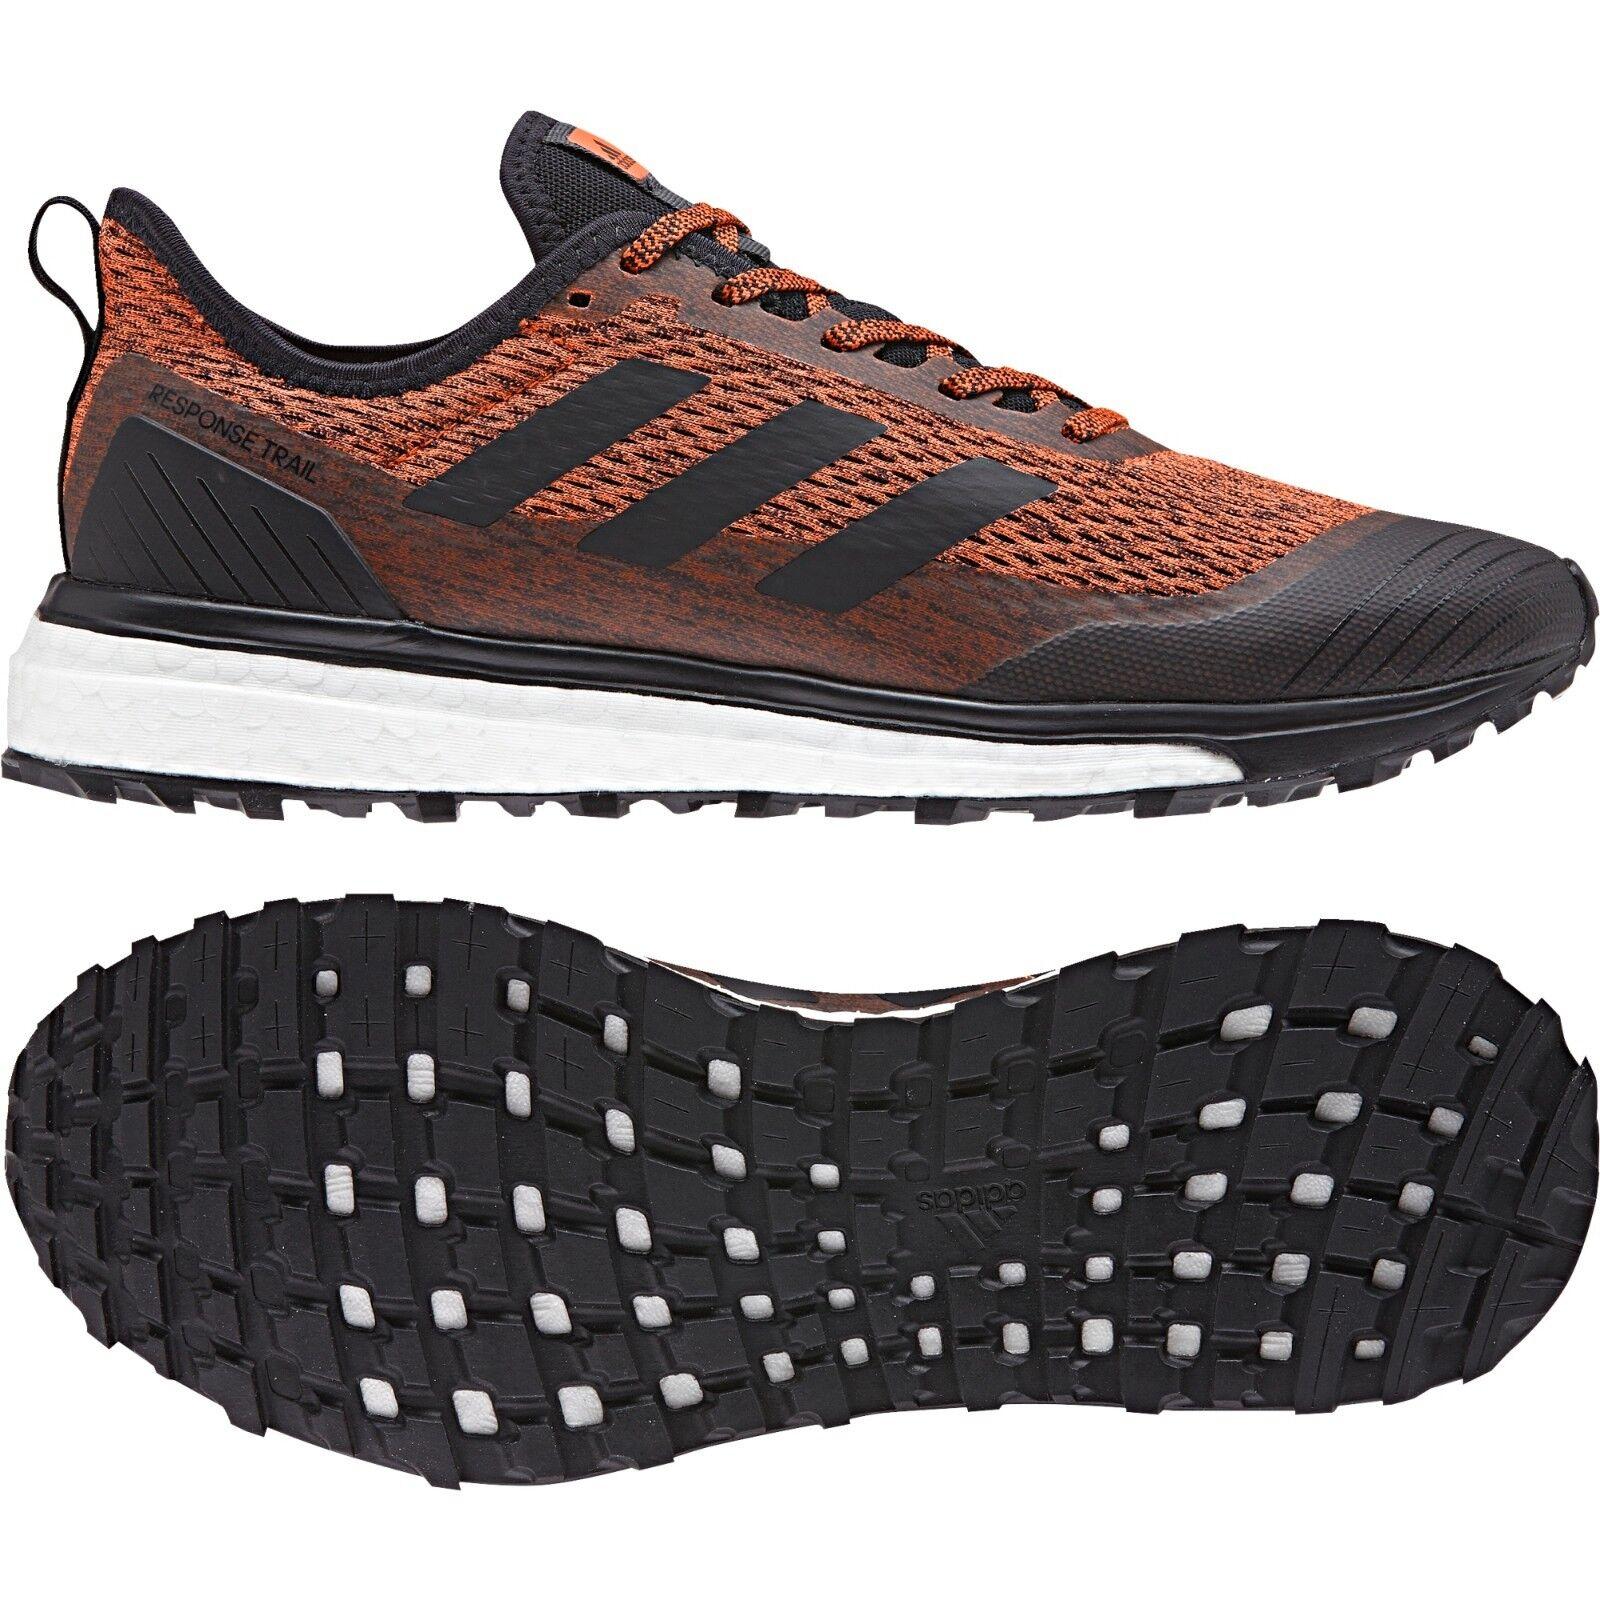 ADIDAS RESPONSE Trail BOOST Correr Senderismo nos Zapatos al Aire Libre para Hombre Tamaño nos Senderismo 12 CG4010 452dea